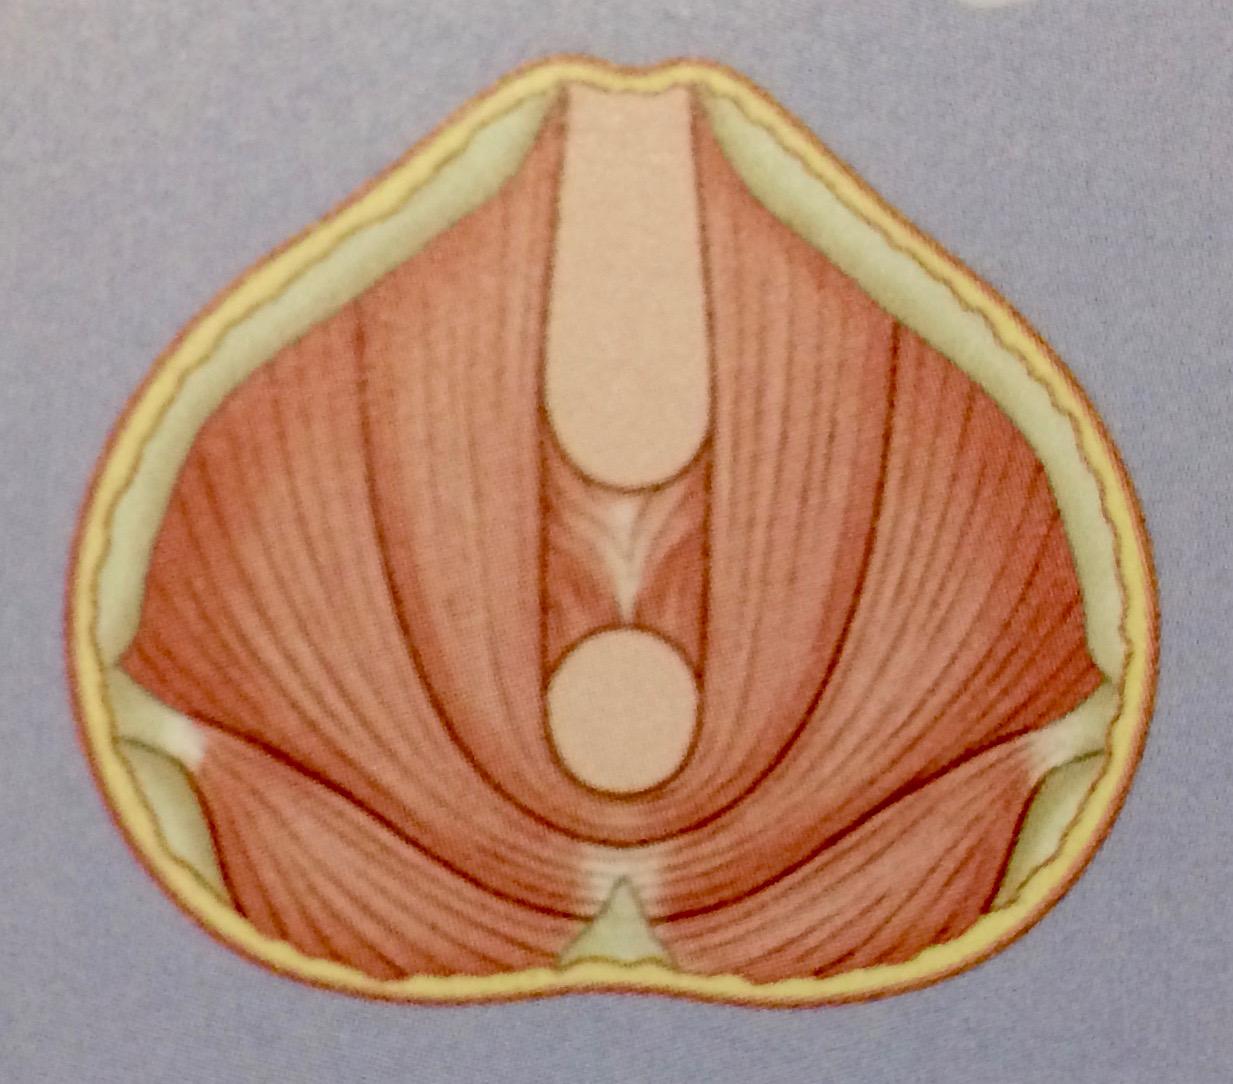 Mann anatomie beckenboden Beckenbodentraining für